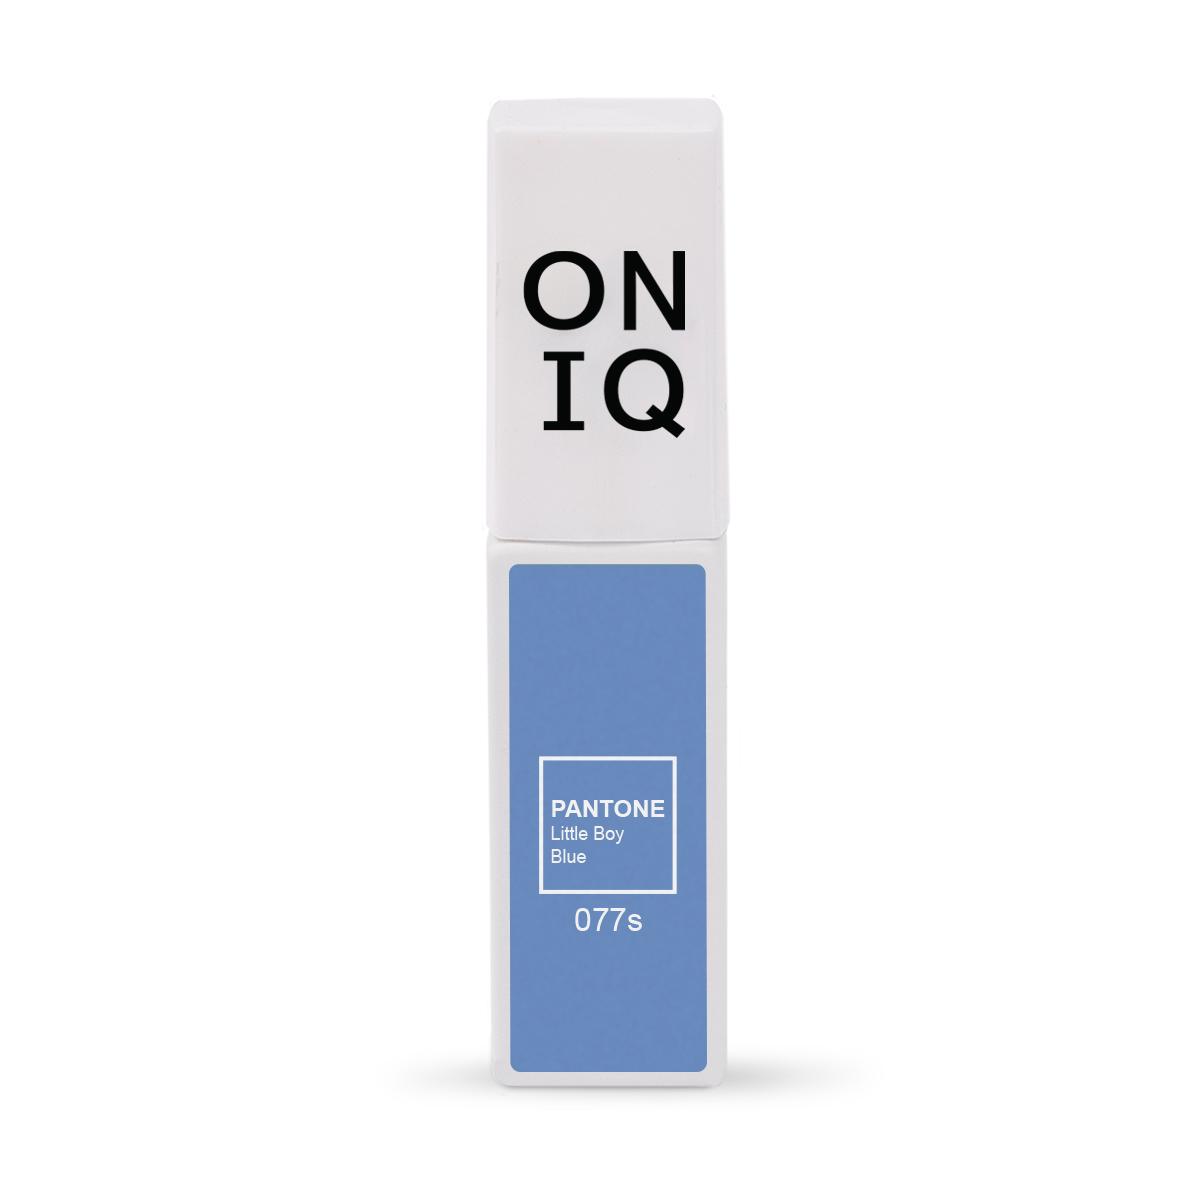 ONIQ Гель-лак для покрытия ногтей, Pantone: Little boy blue, 6 мл -  Гель-лаки